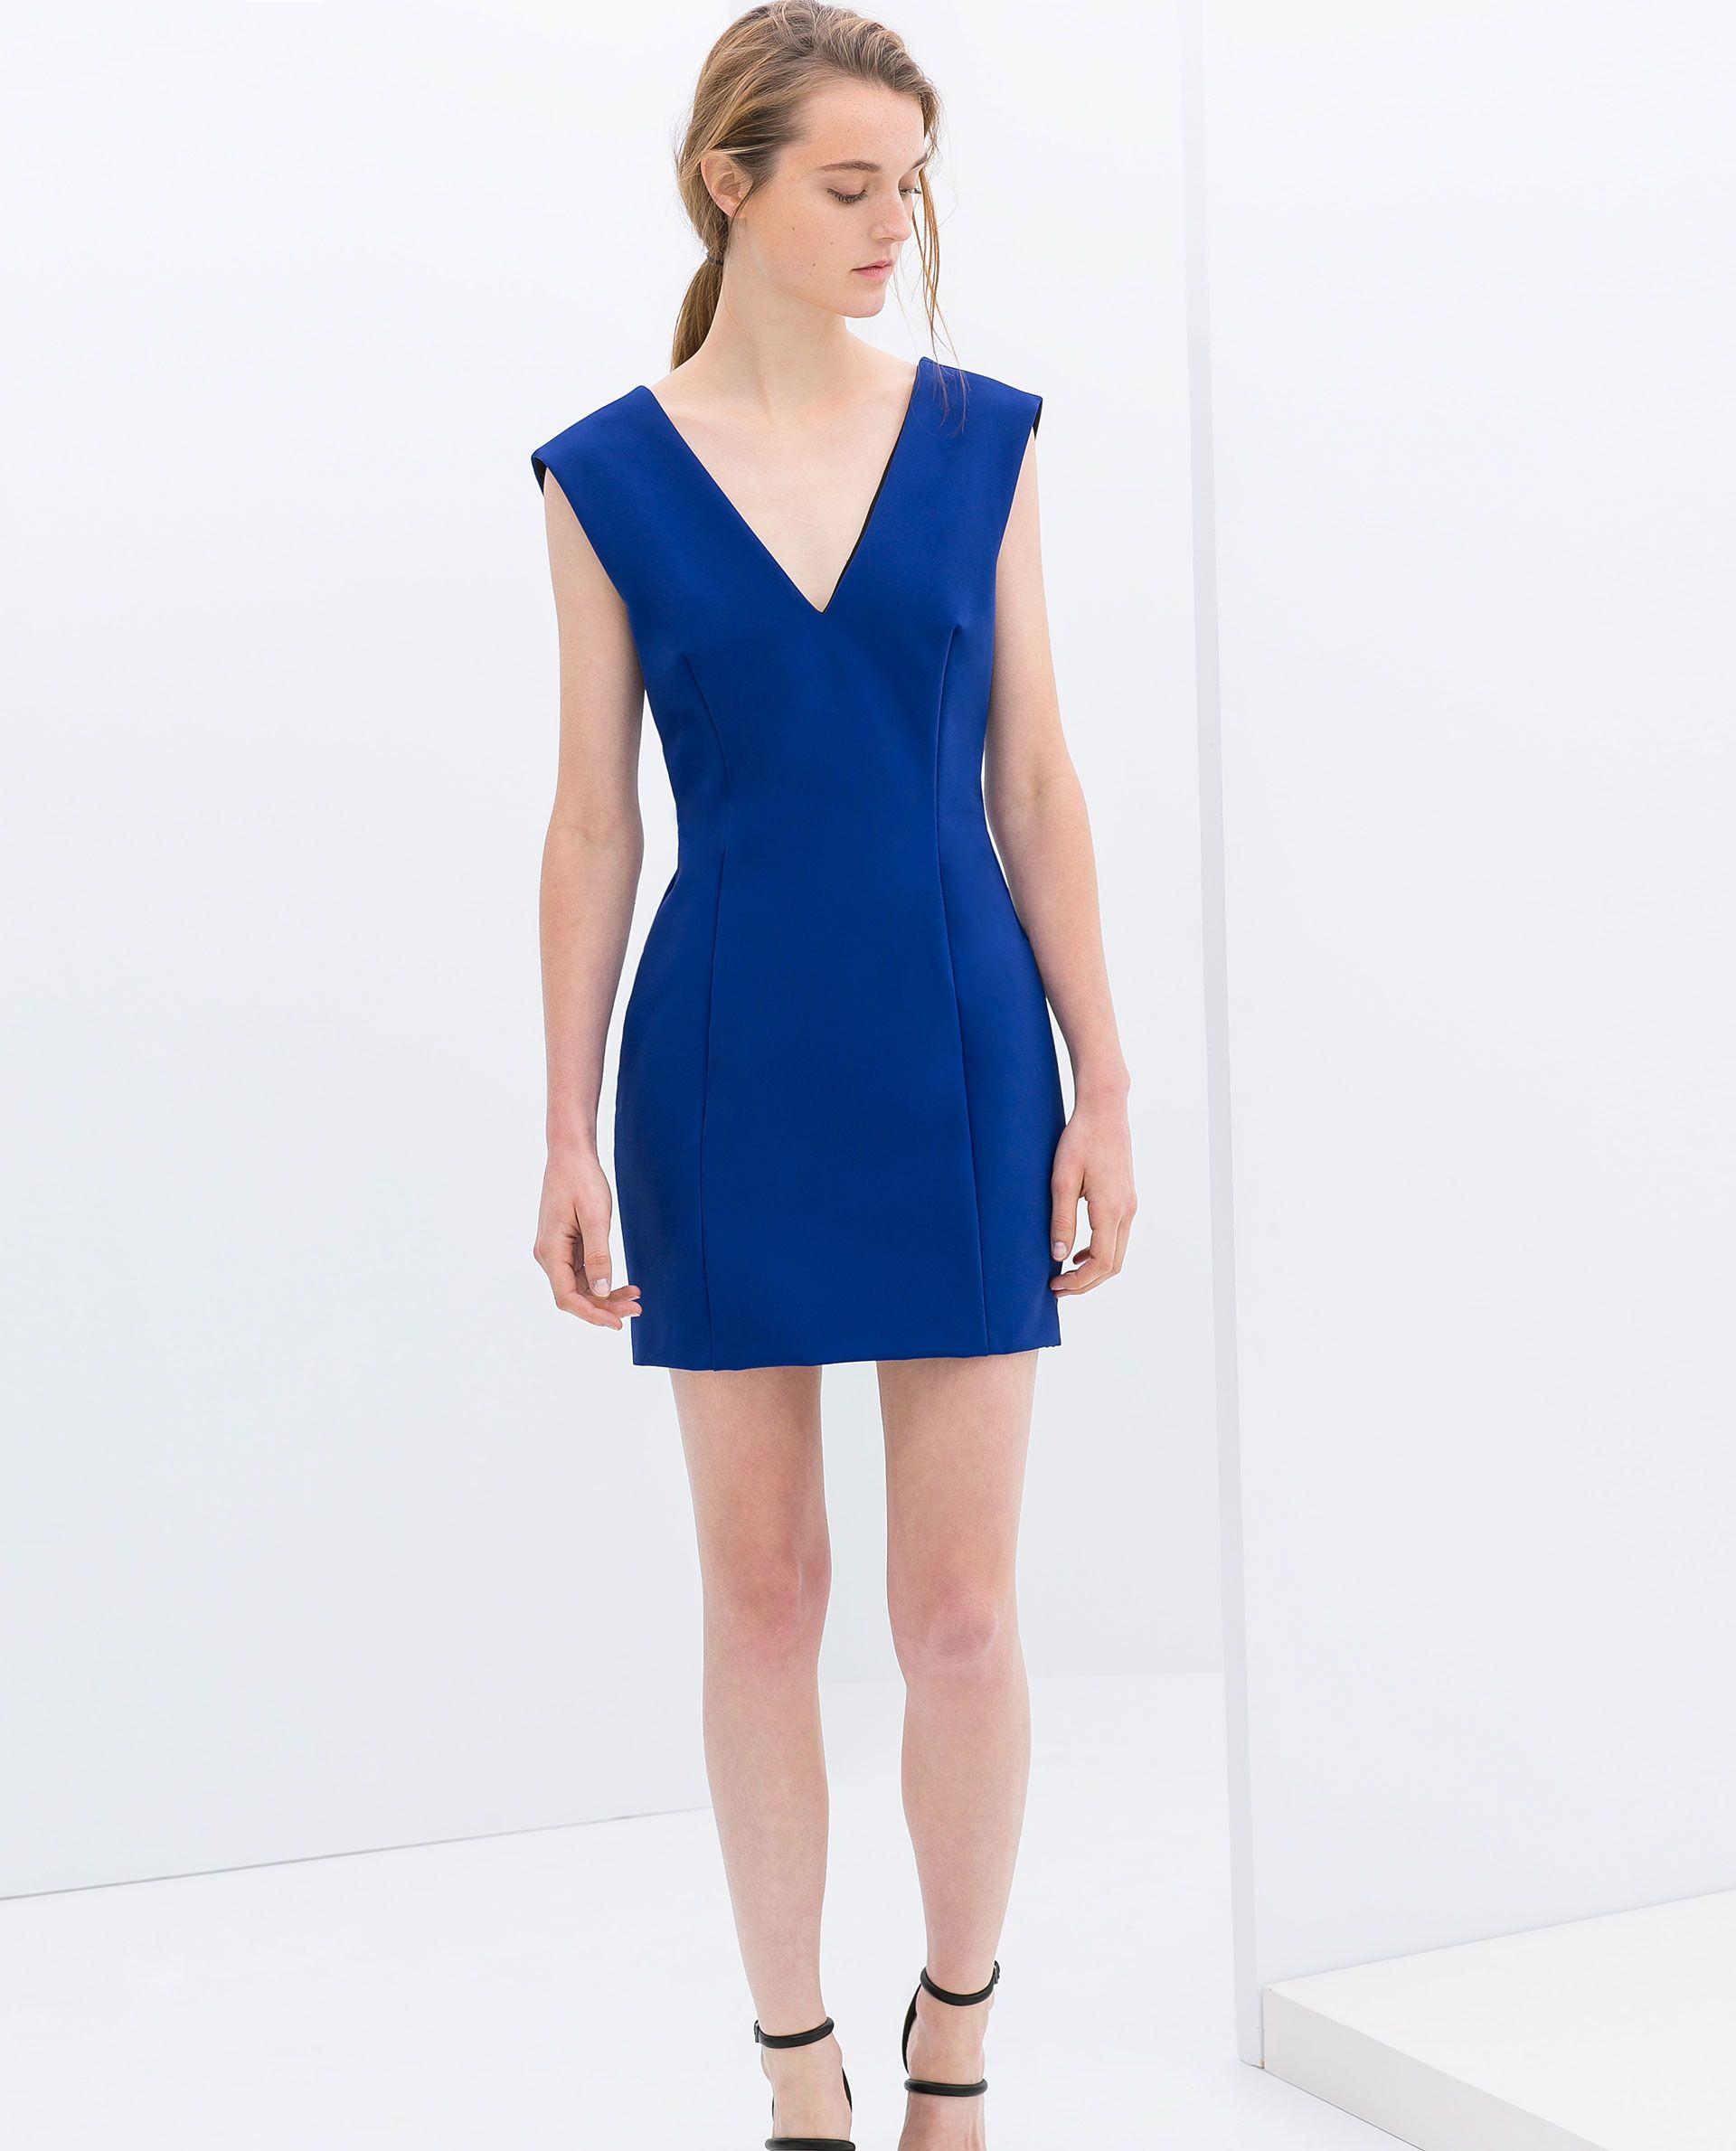 Zara blue dress sale best dress ideas pinterest blue dresses zara blue dress sale ombrellifo Image collections